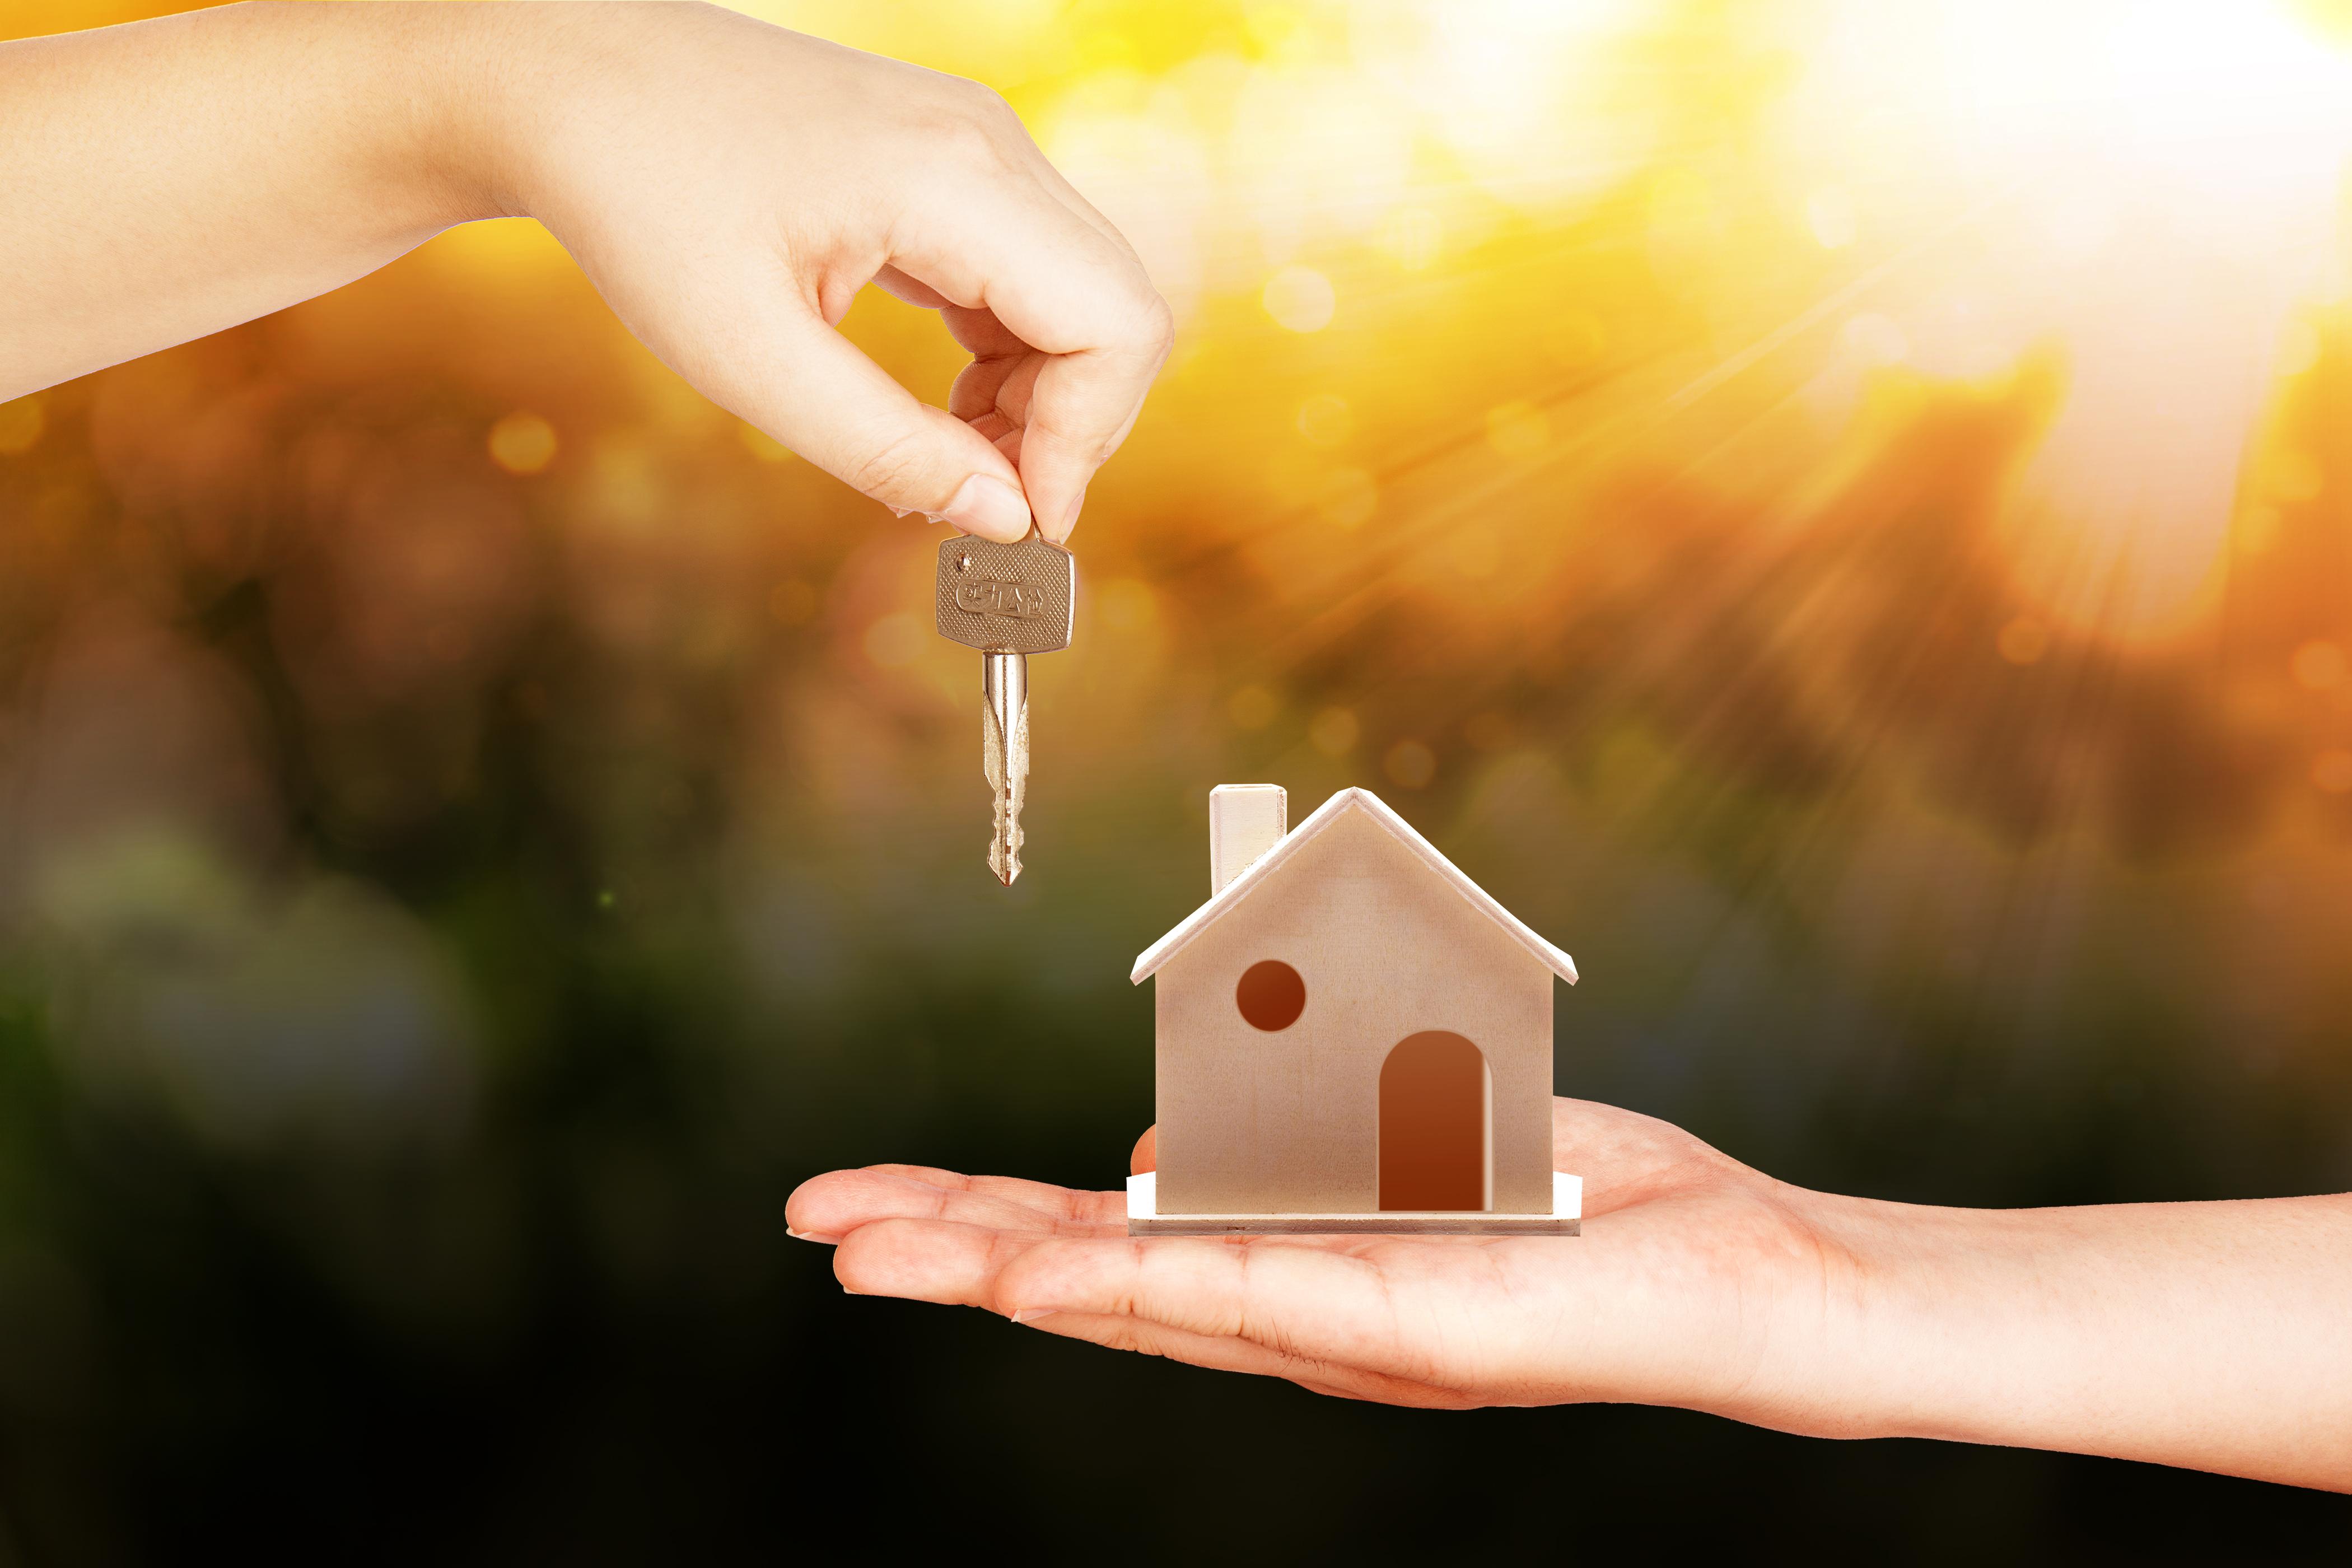 安置房有房产证吗,房产证如何办理